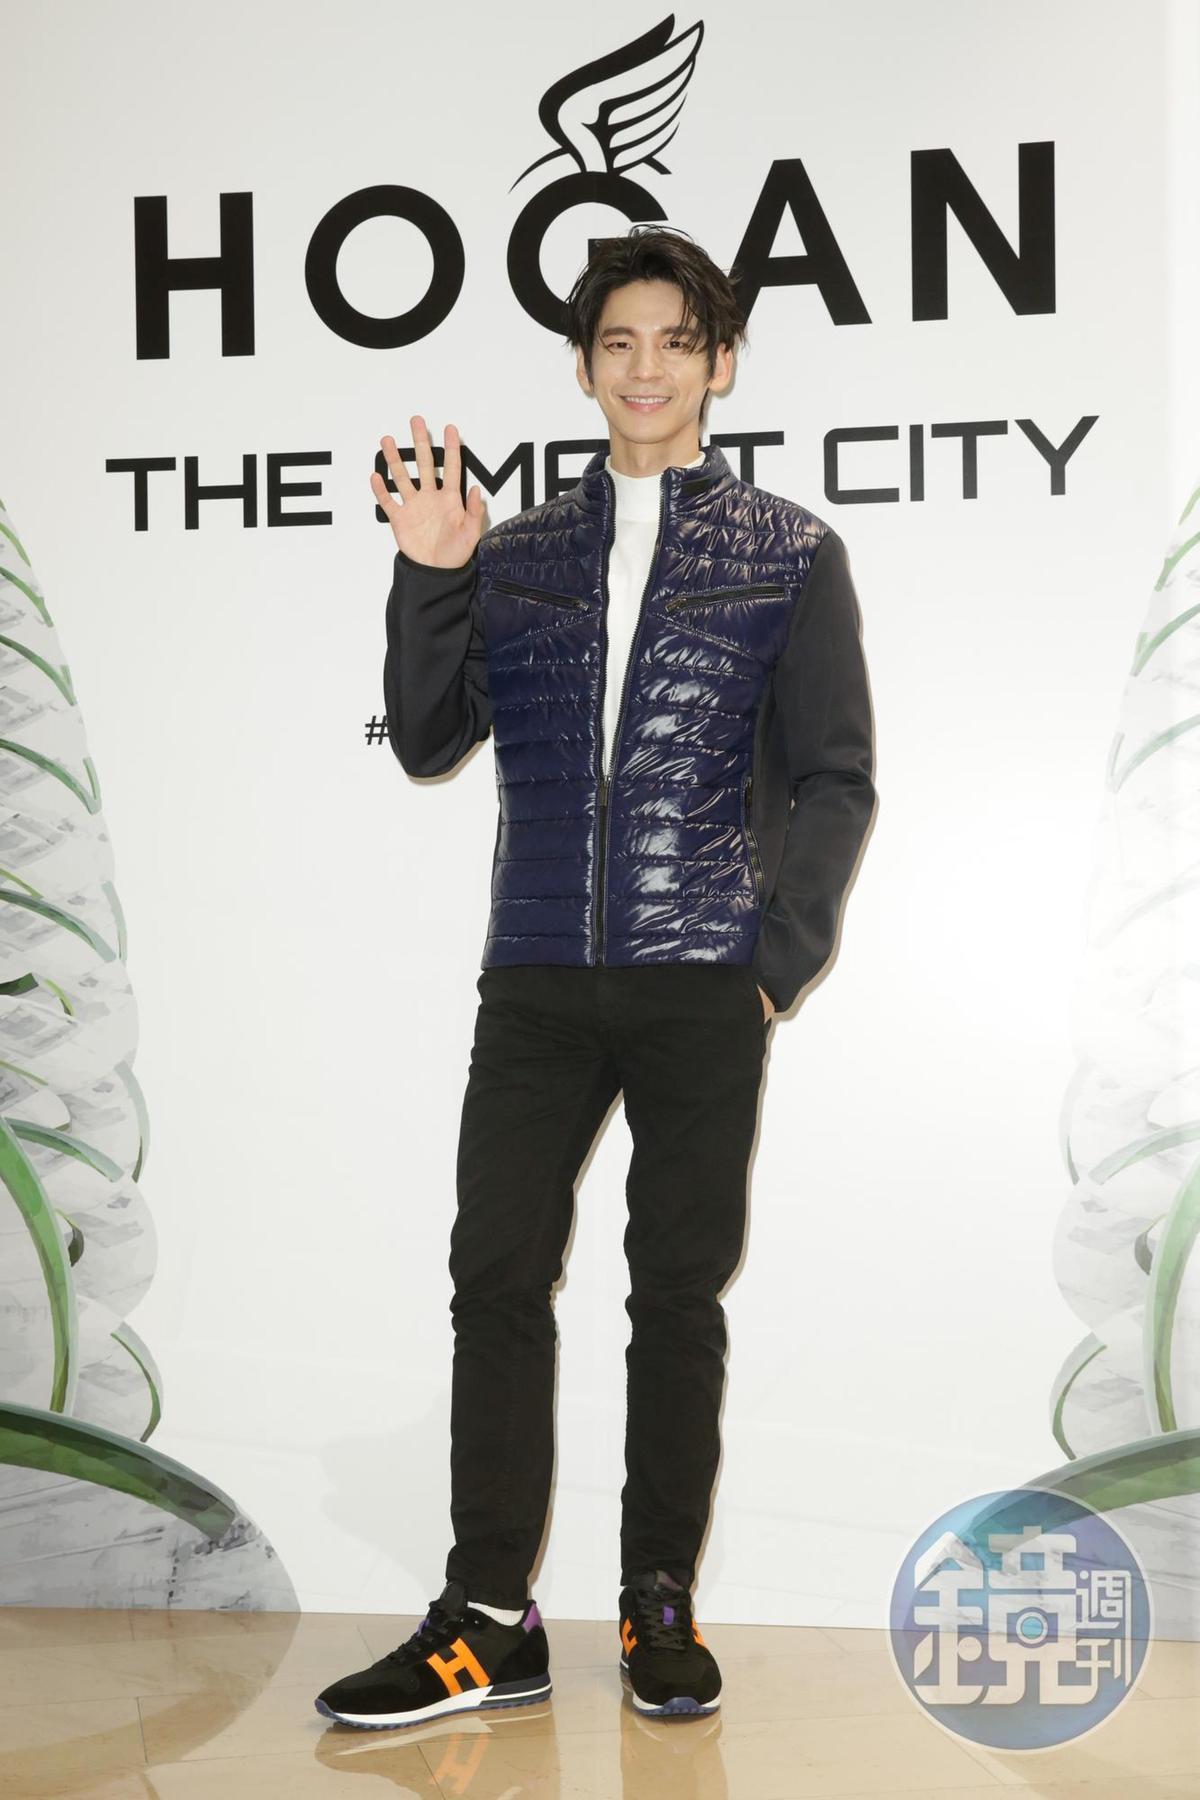 林柏宏身穿HOGAN深藍色輕羽絨外套(NT$25,600),搭配H383撞色男士休鞋(NT$15,900),笑說從國父紀念館的頒獎典禮到爬象山都適用。